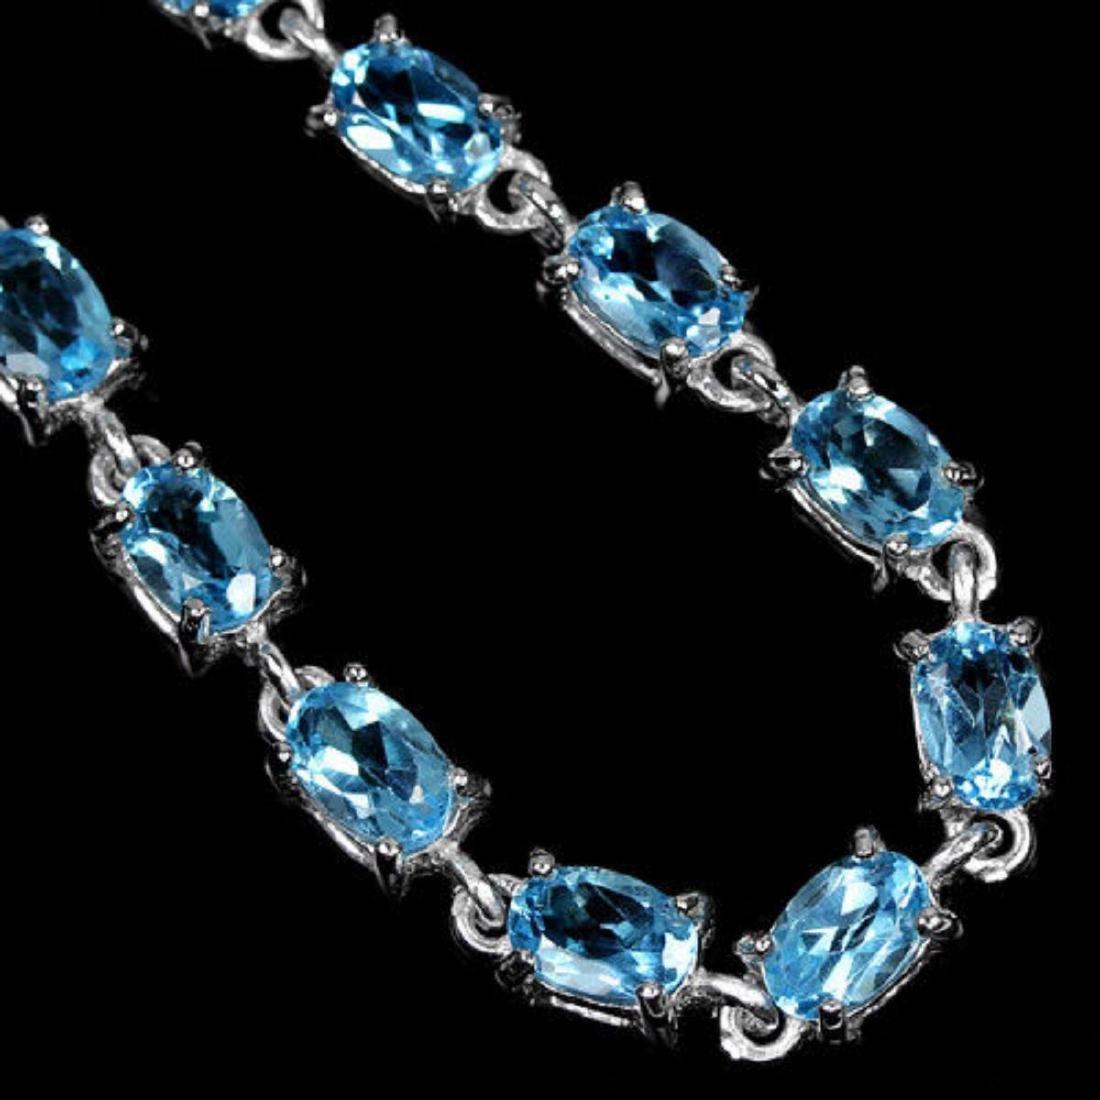 Natural SWISS BLUE TOPAZ - 2